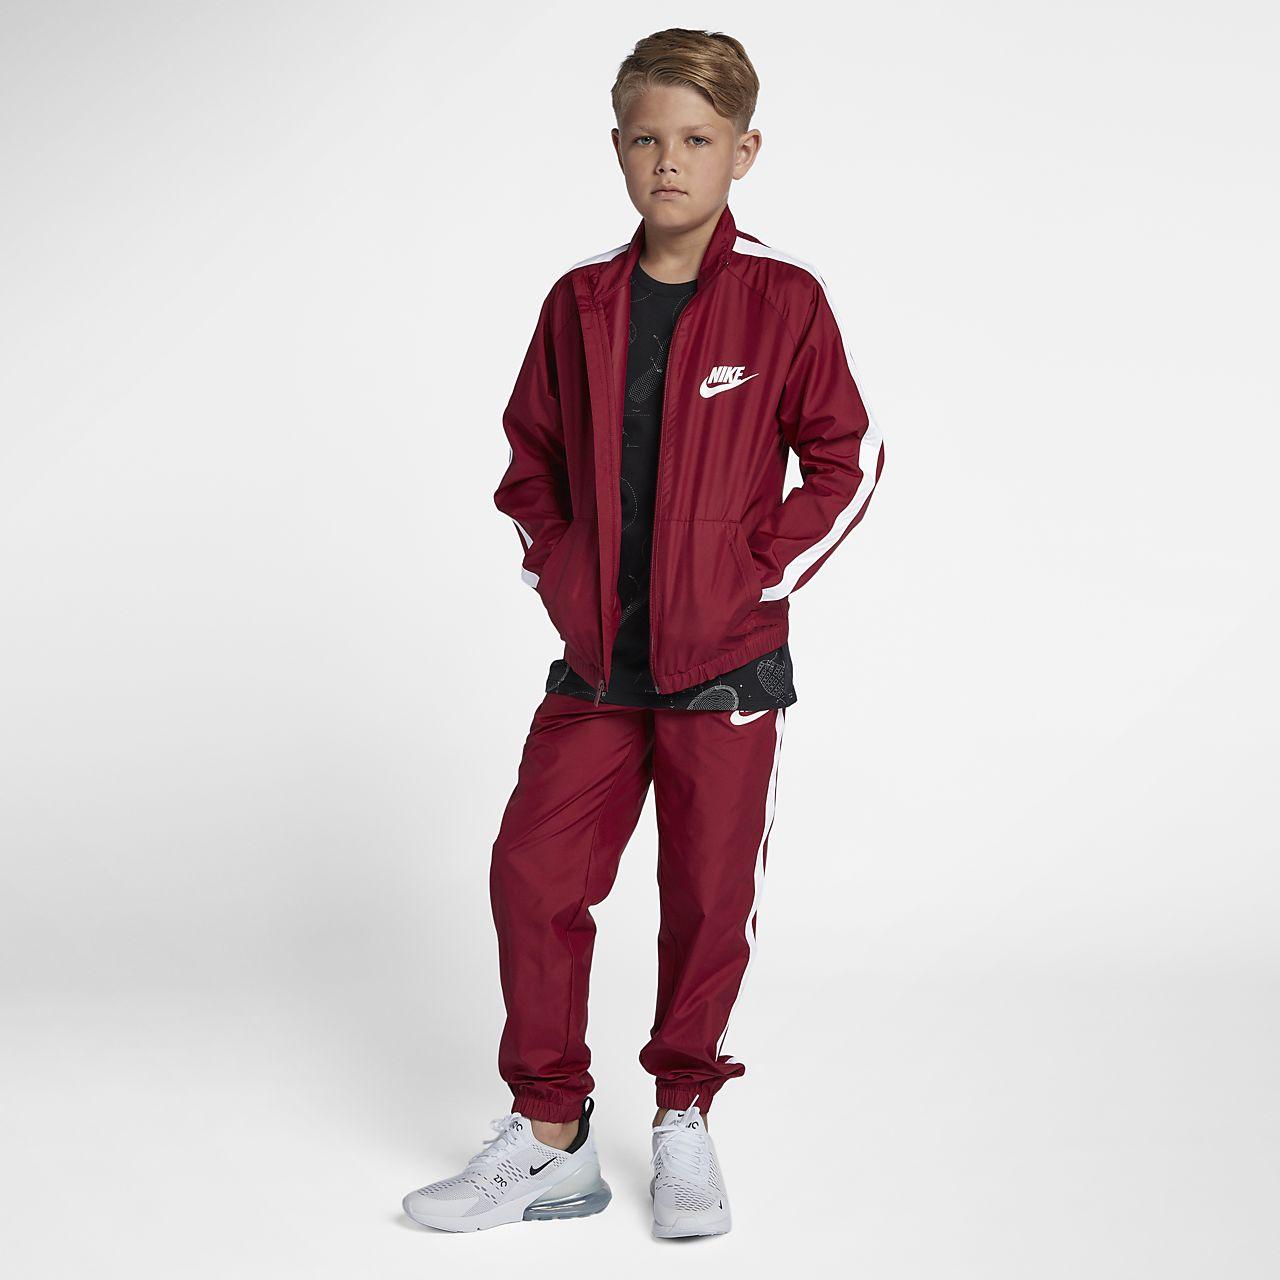 Trainingsanzug Nike Kinder